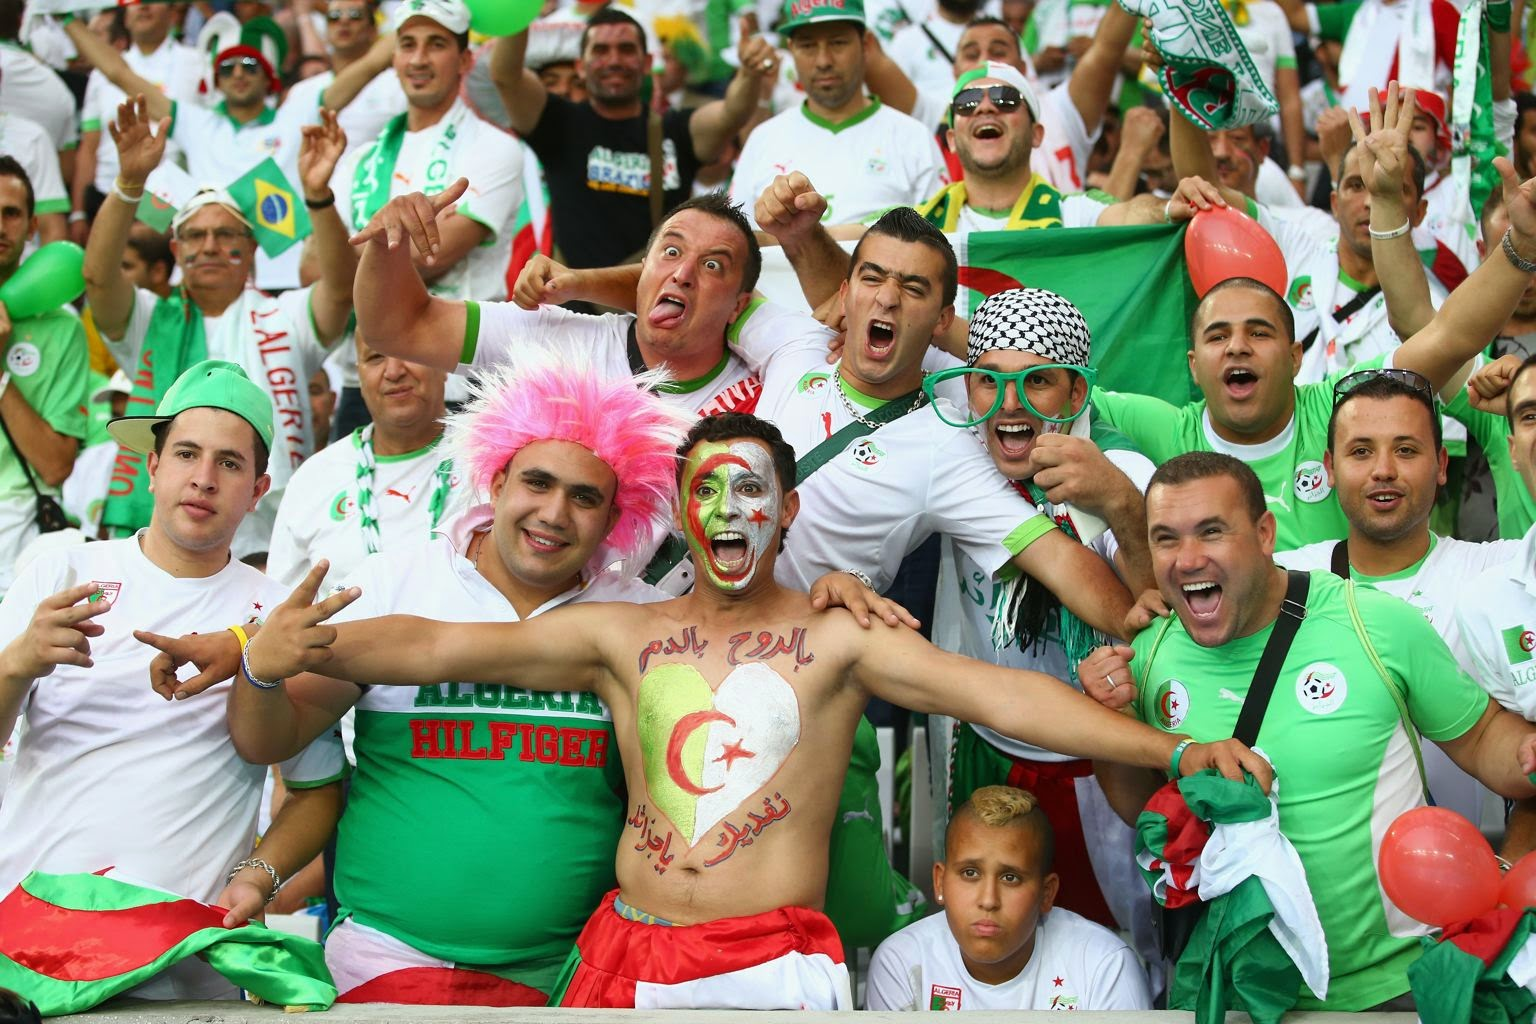 بالصور صور المنتخب الوطني الجزائري , منتخب بلد المليون شهيد 1827